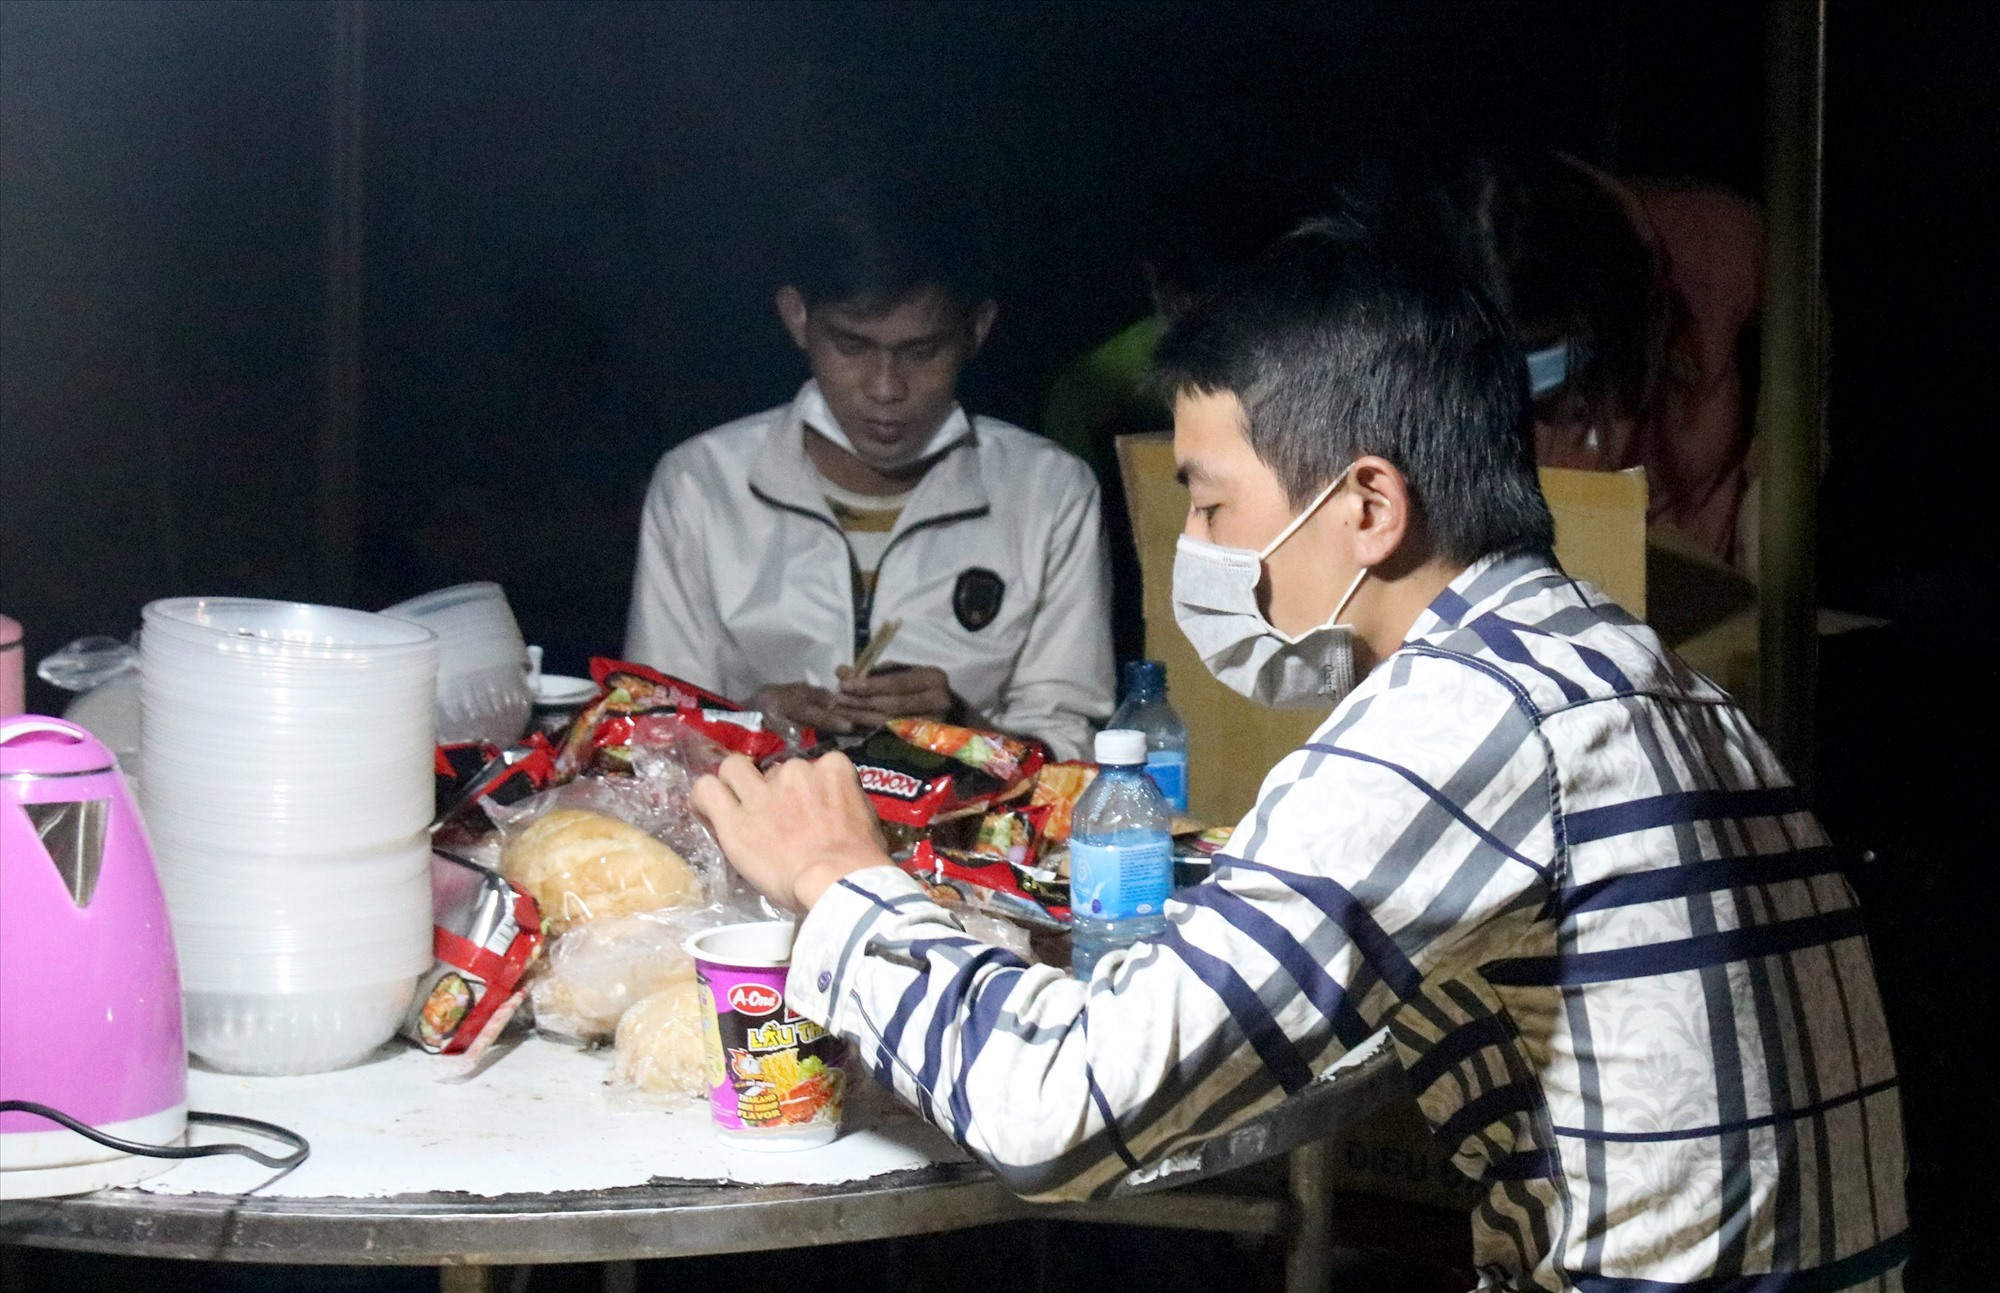 Người dân ăn vội mì gói, bánh mỳ để tiếp tục di chuyển qua địa bàn Quảng Nam trong đêm. Ảnh: H.Q